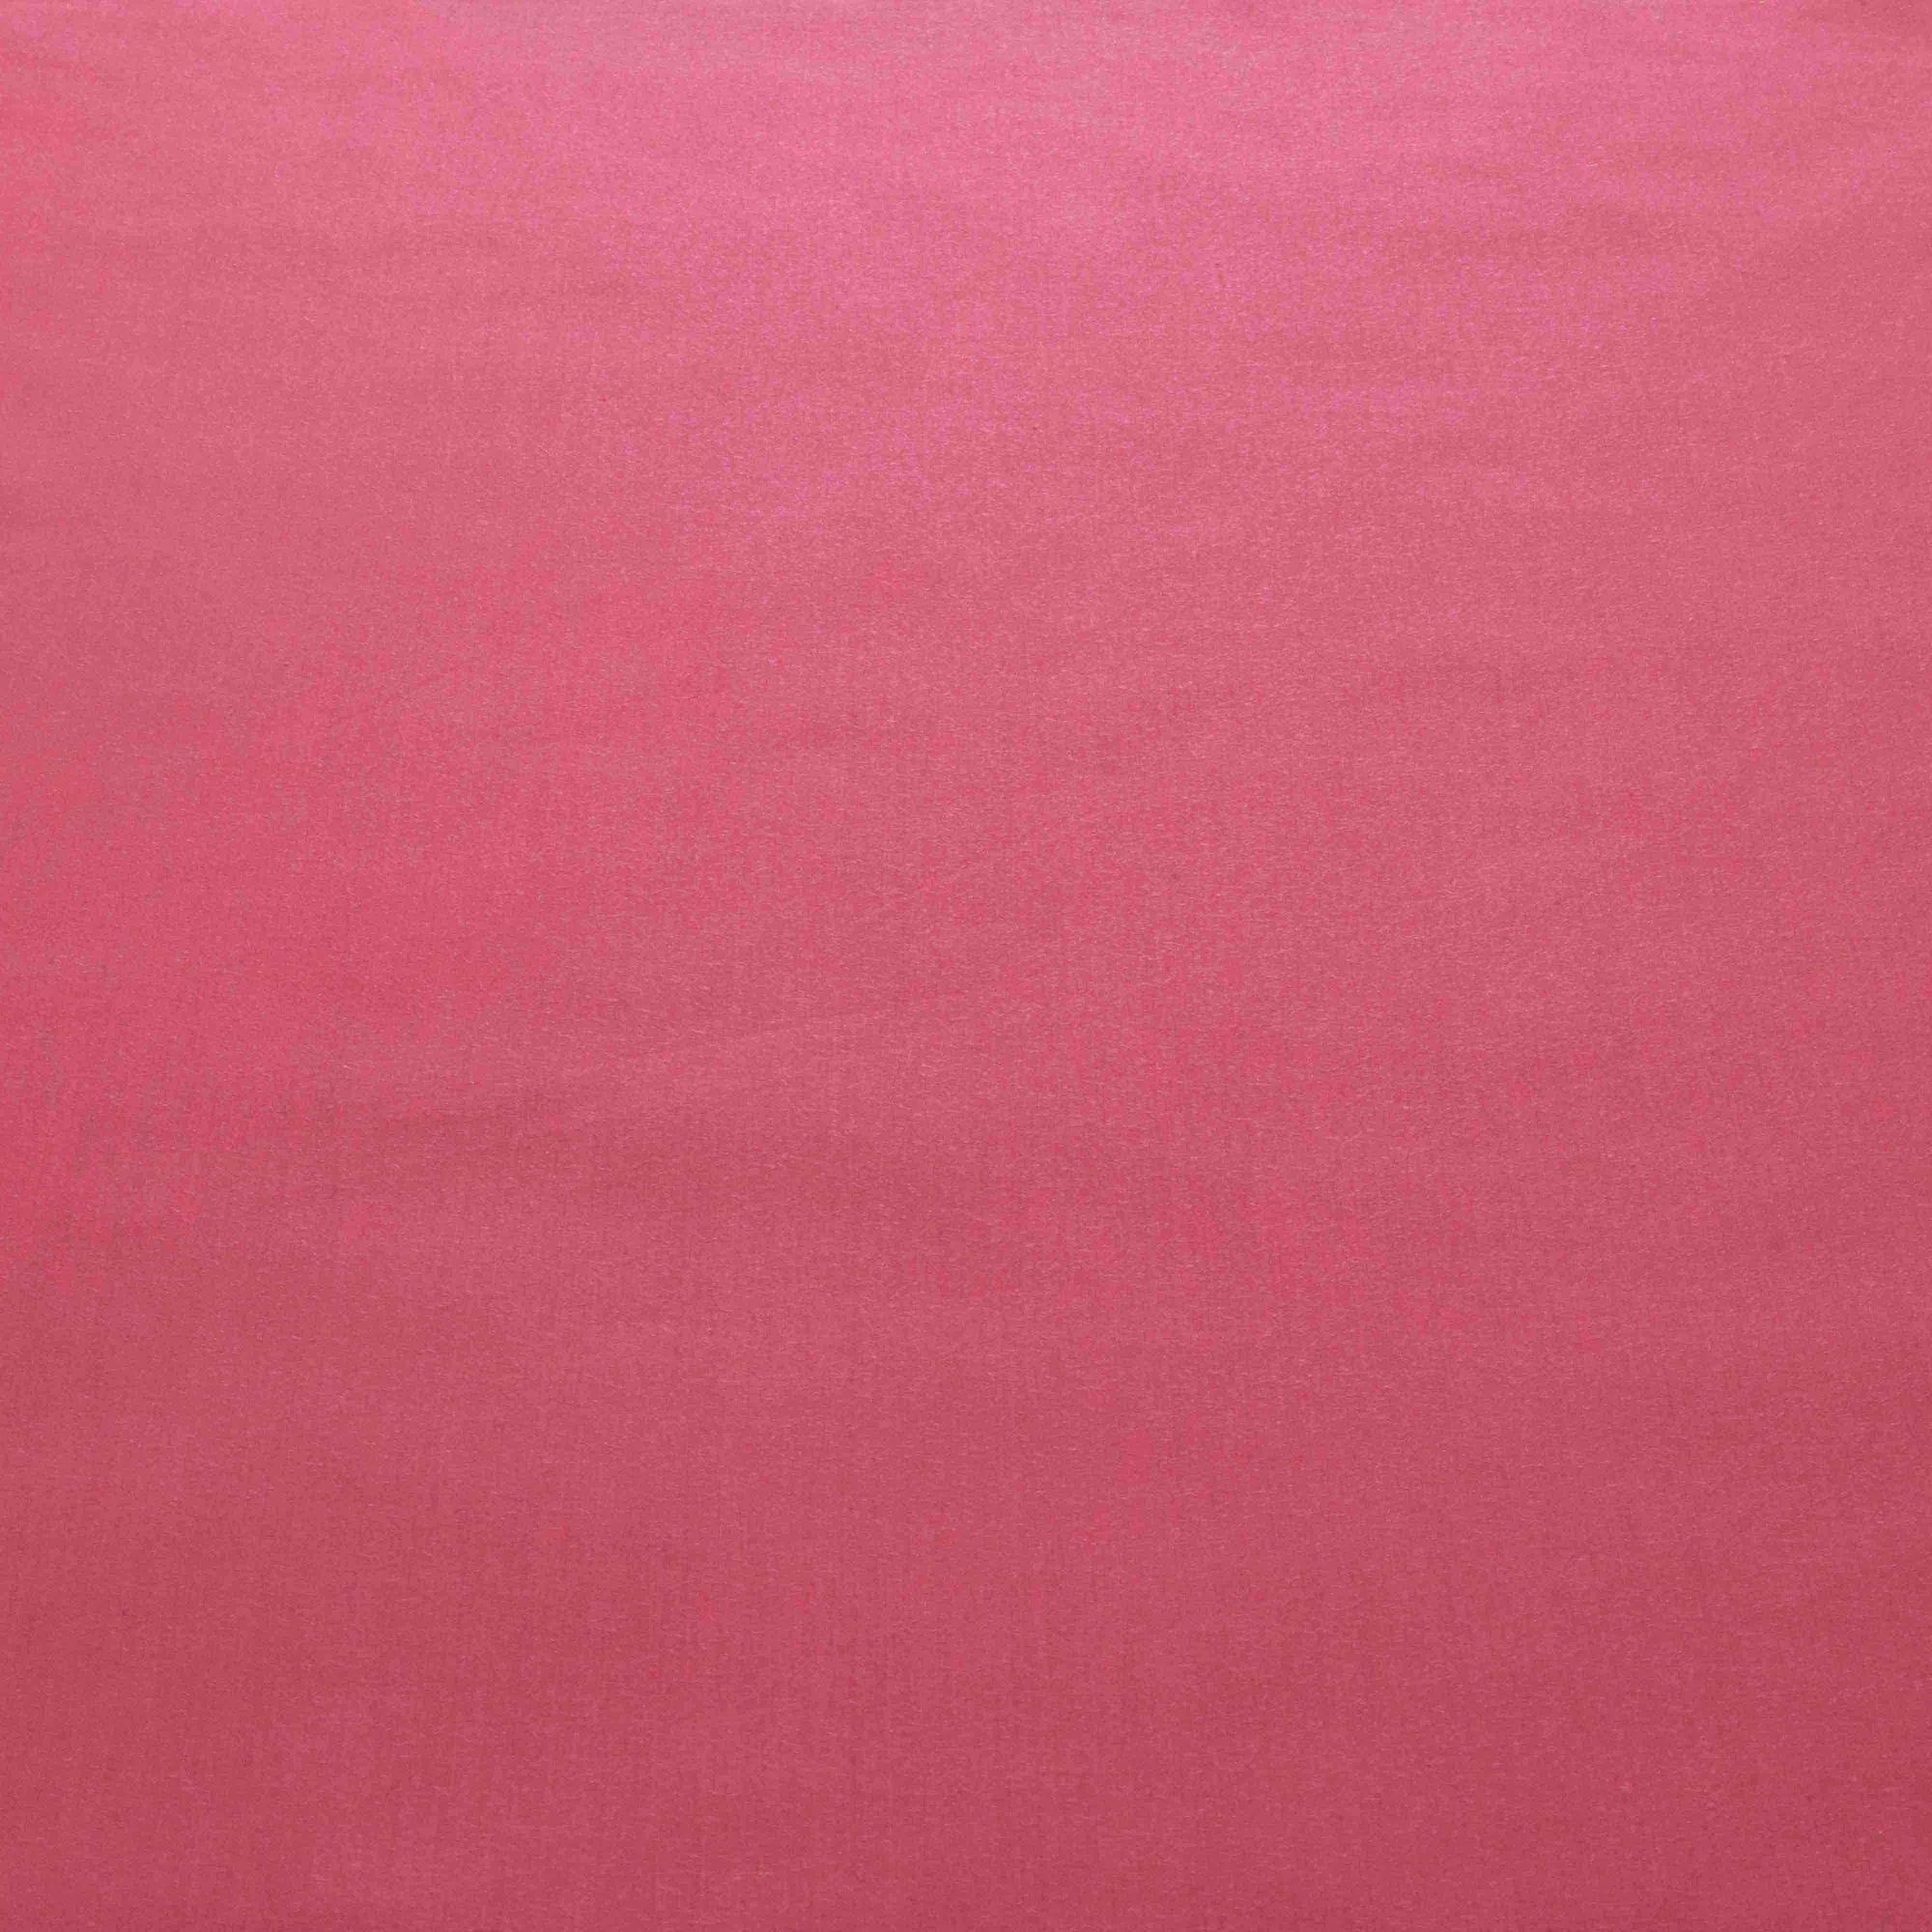 Tecido Tricoline 65% Algodão 35% Poliester 1,40 Mt Largura Rosa